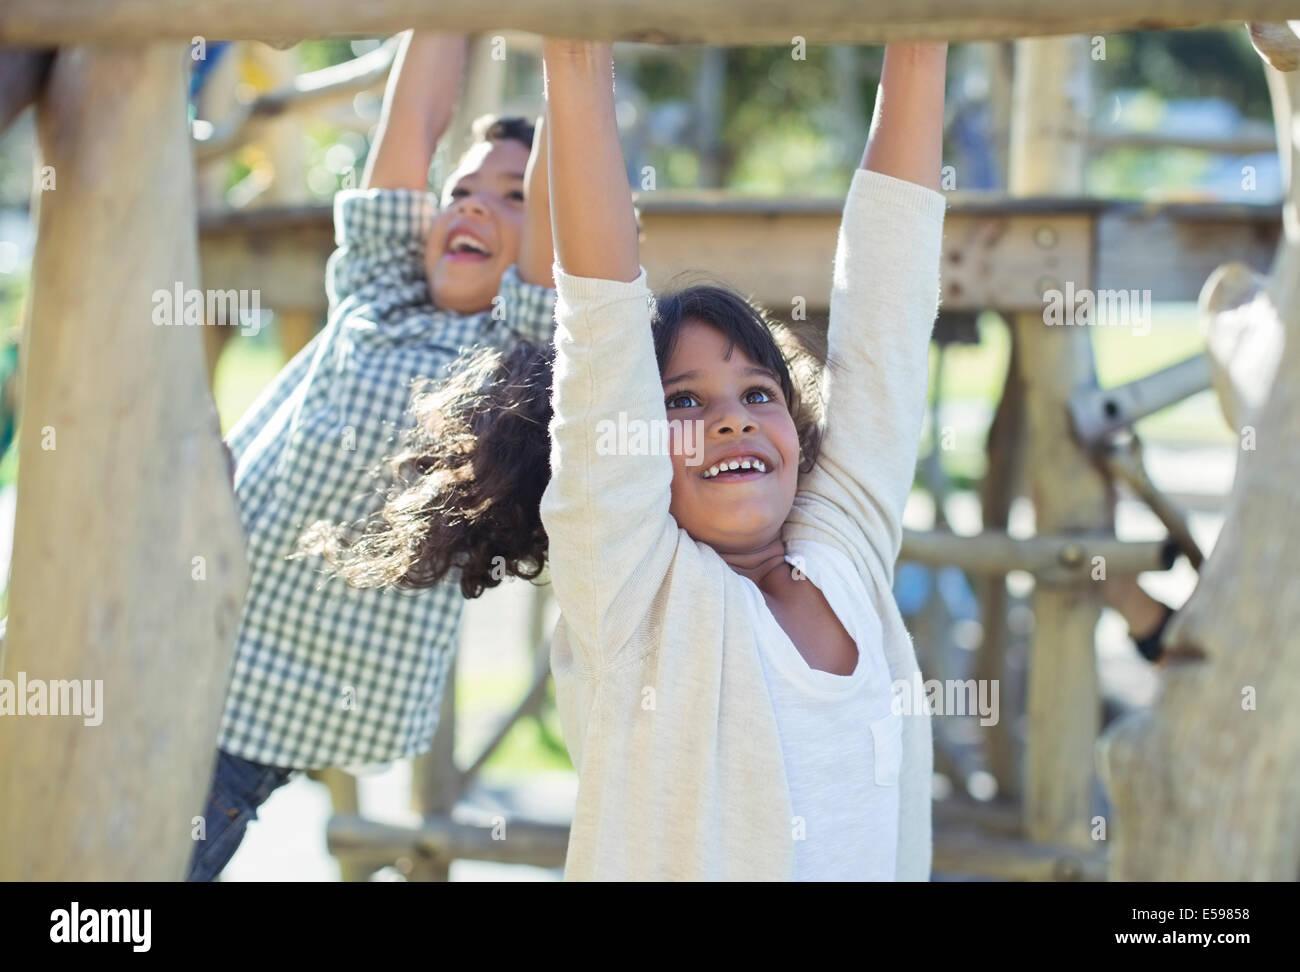 Bambini arrampicate sulle barre di scimmia Immagini Stock